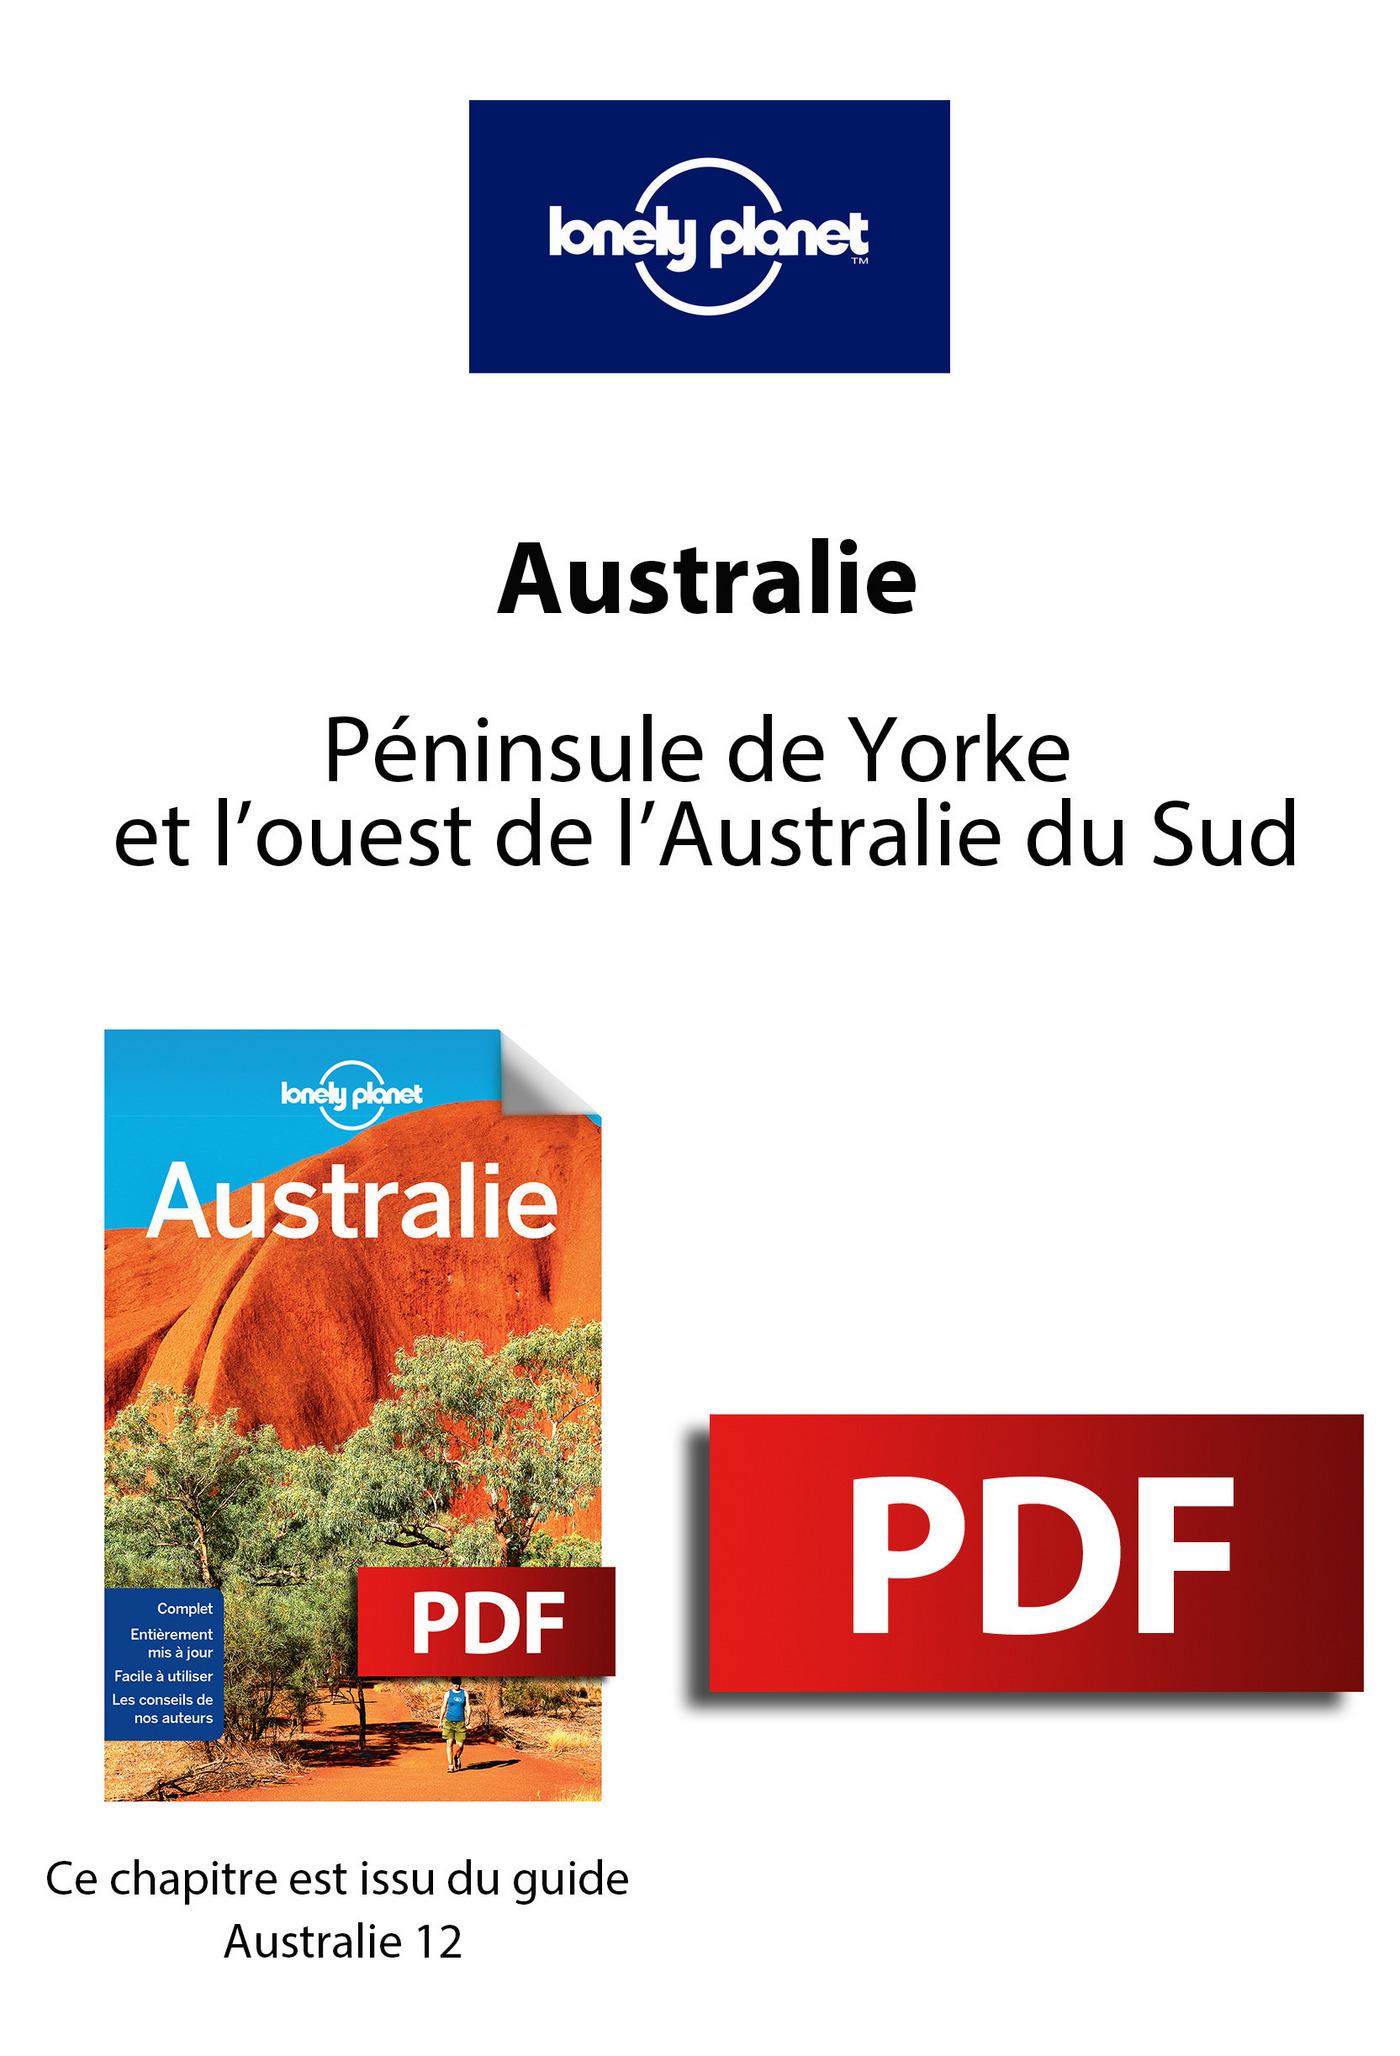 Australie - Péninsule de Yorke et l'ouest de l'Australie du Sud